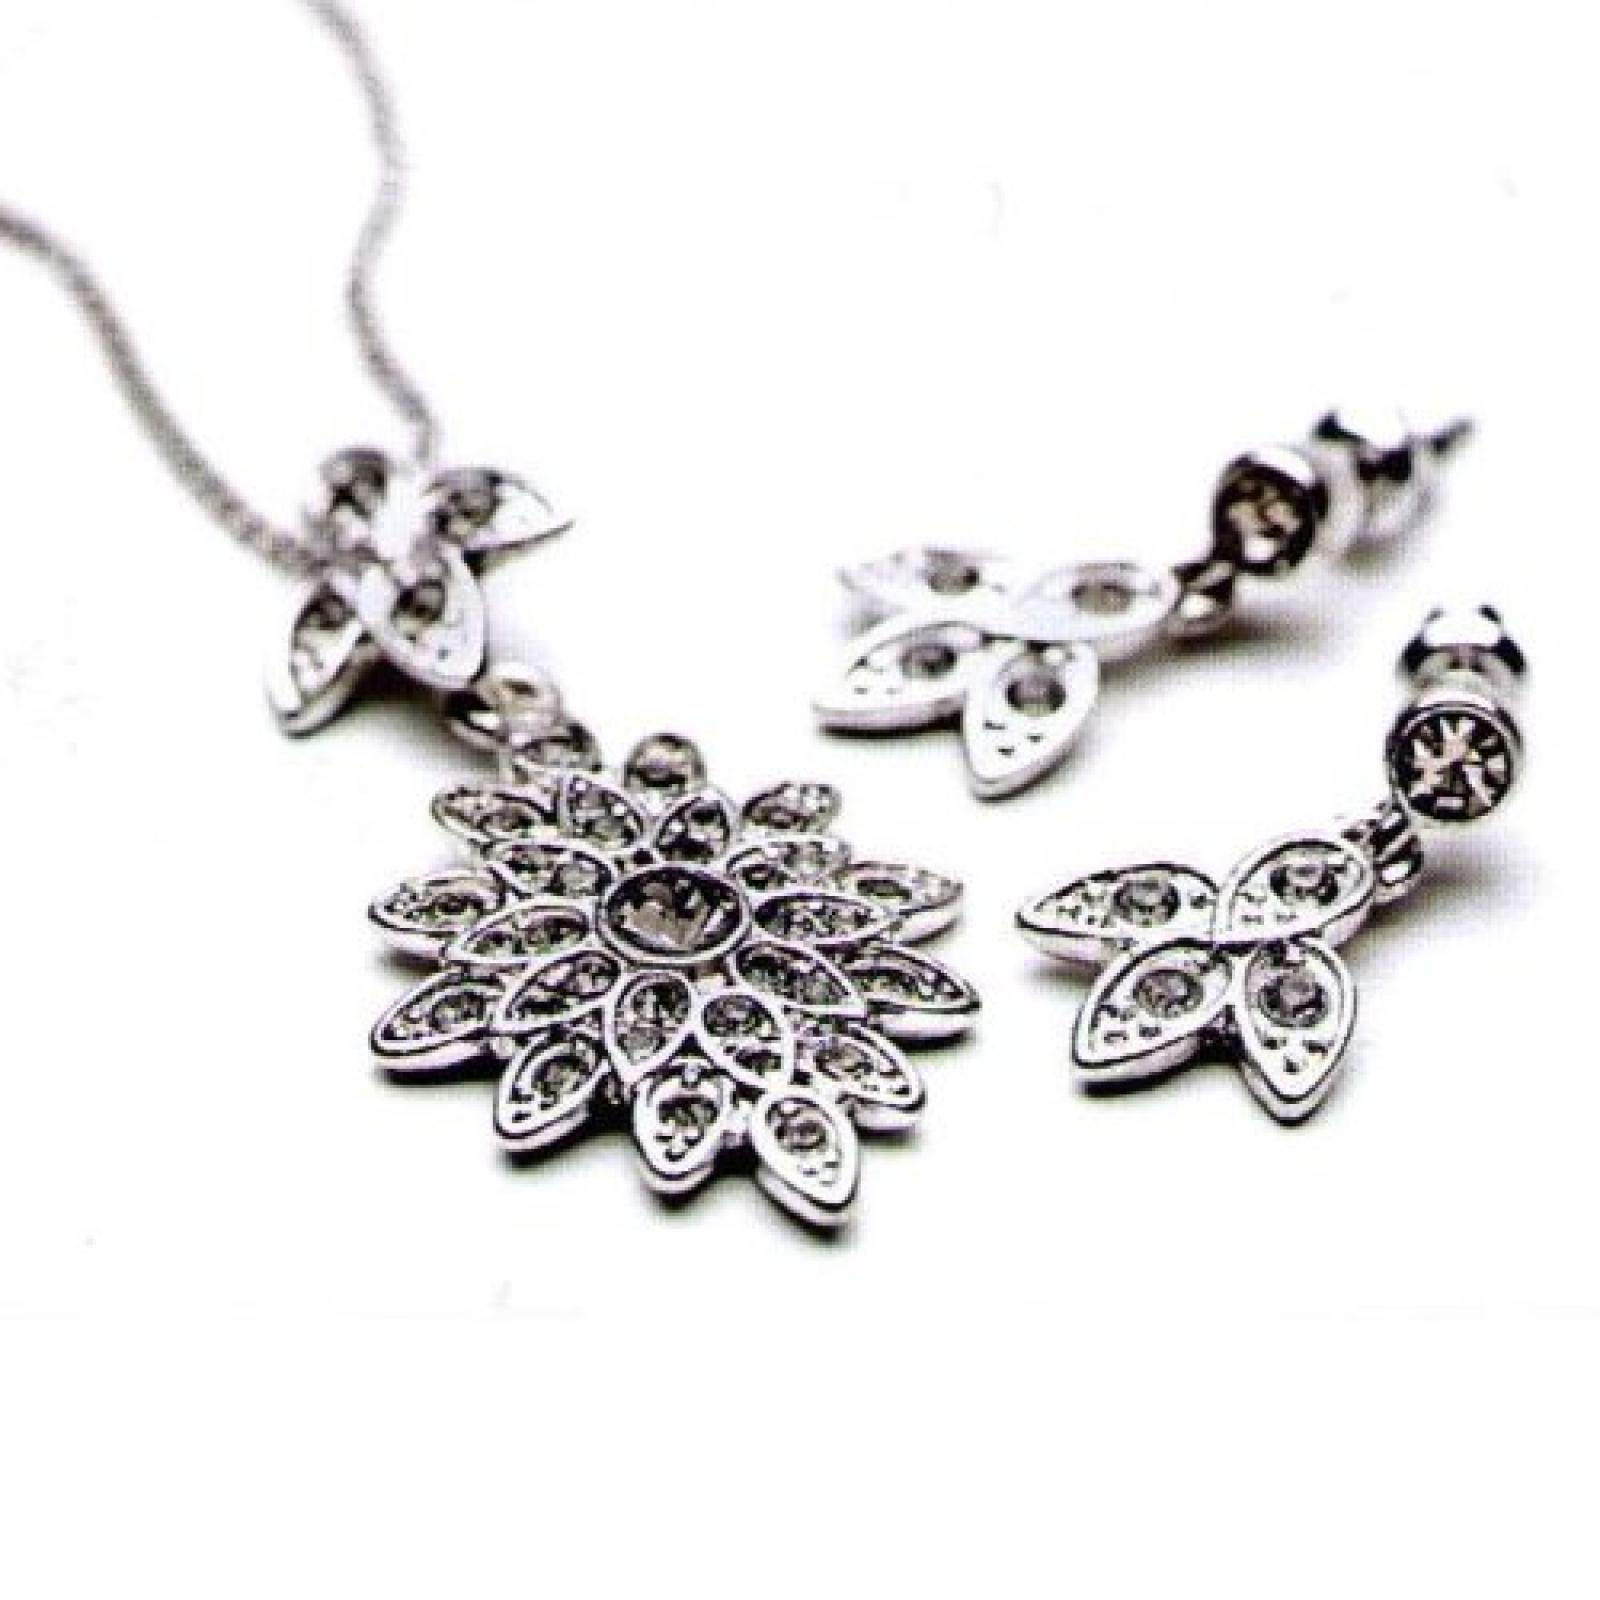 PILGRIM Set Geschenkset Halskette + Ohrstecker Blüten silber Swarovski Elements